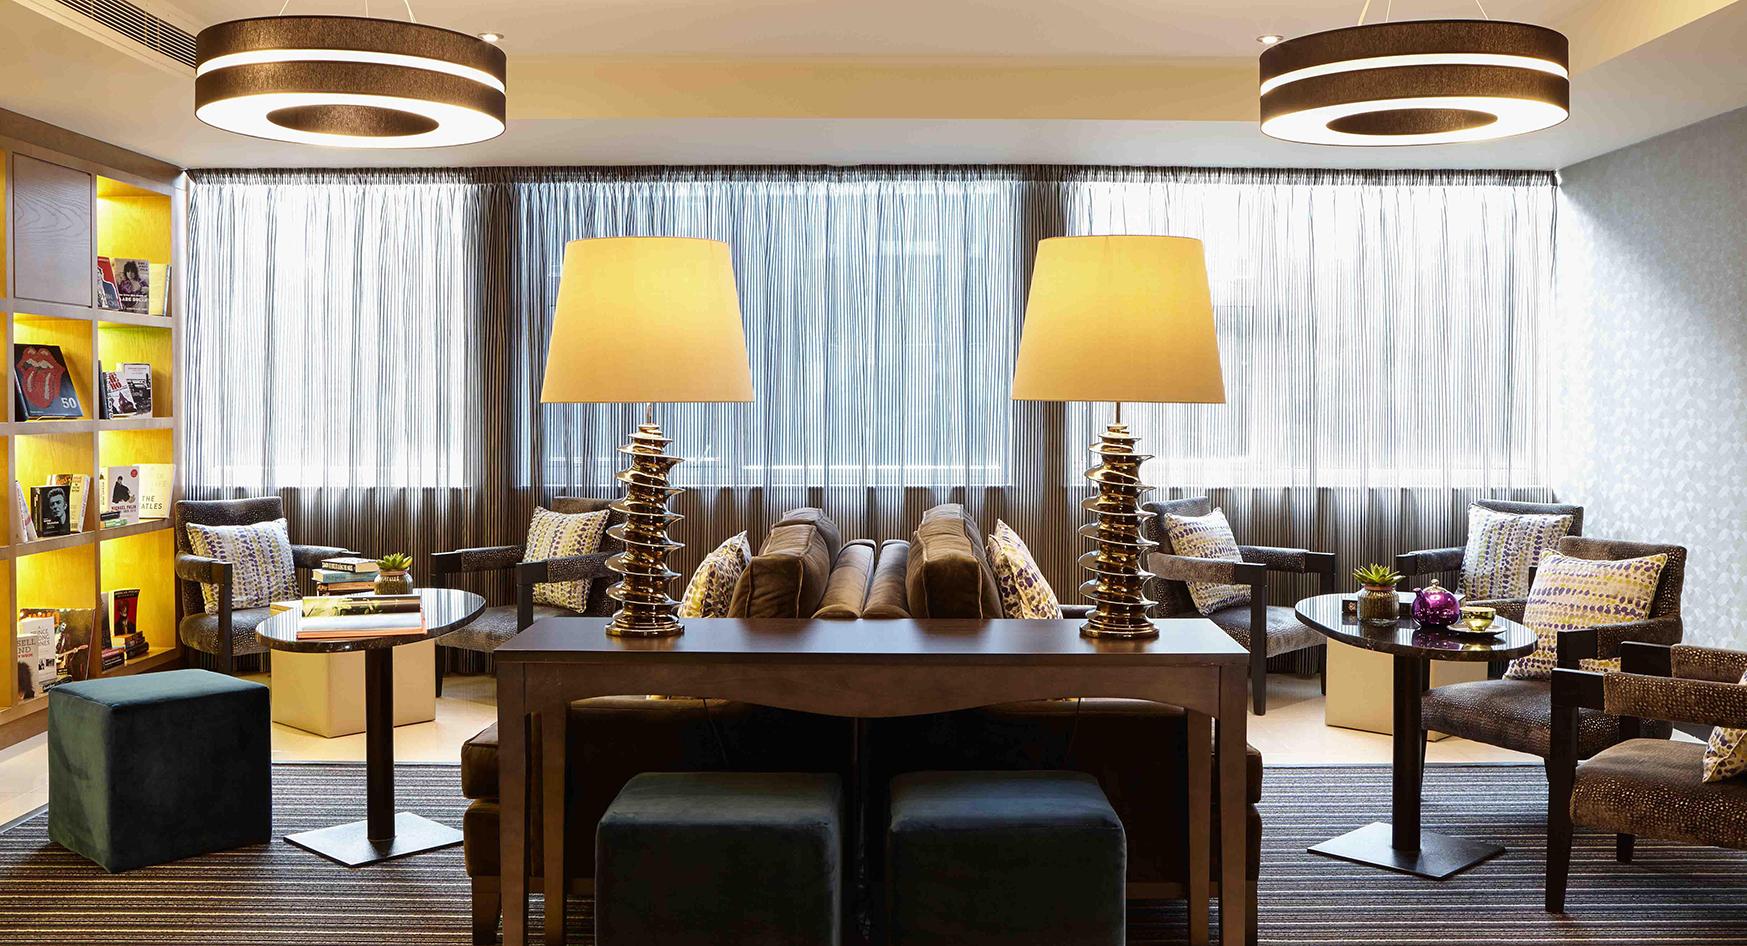 k-west-hotel-london